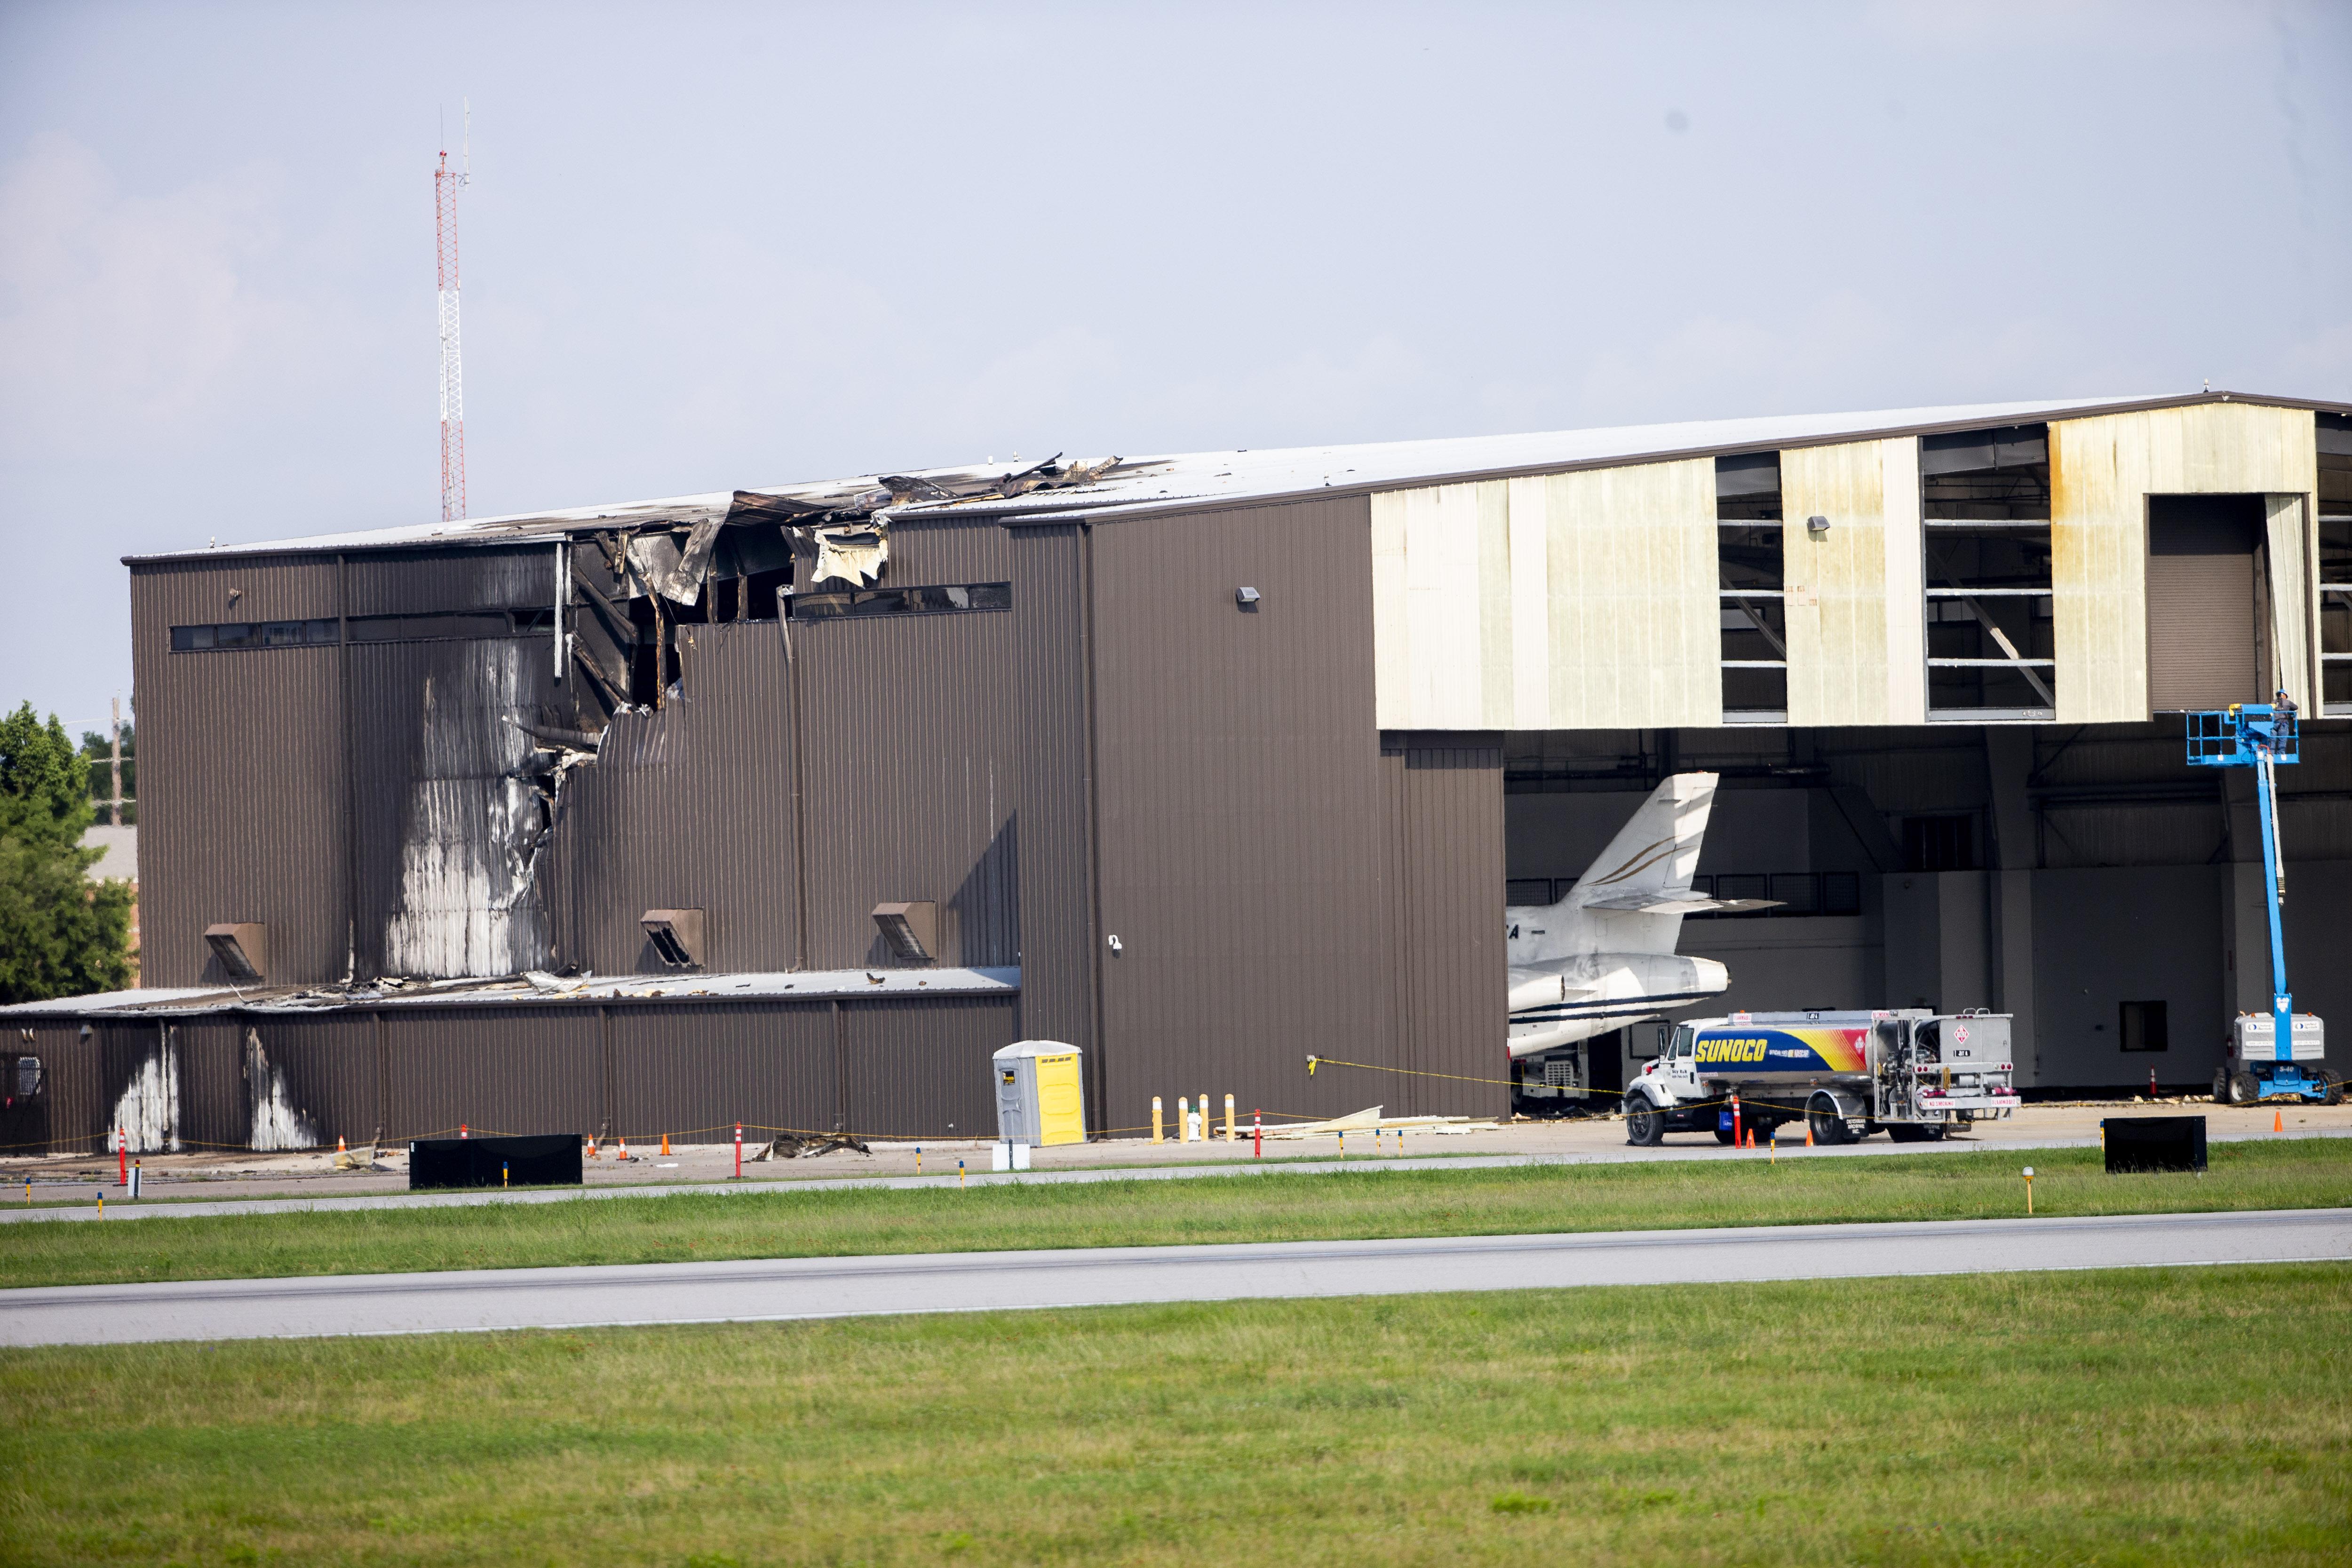 Stowaway in plane's landing gear falls to death as flight approaches Heathrow